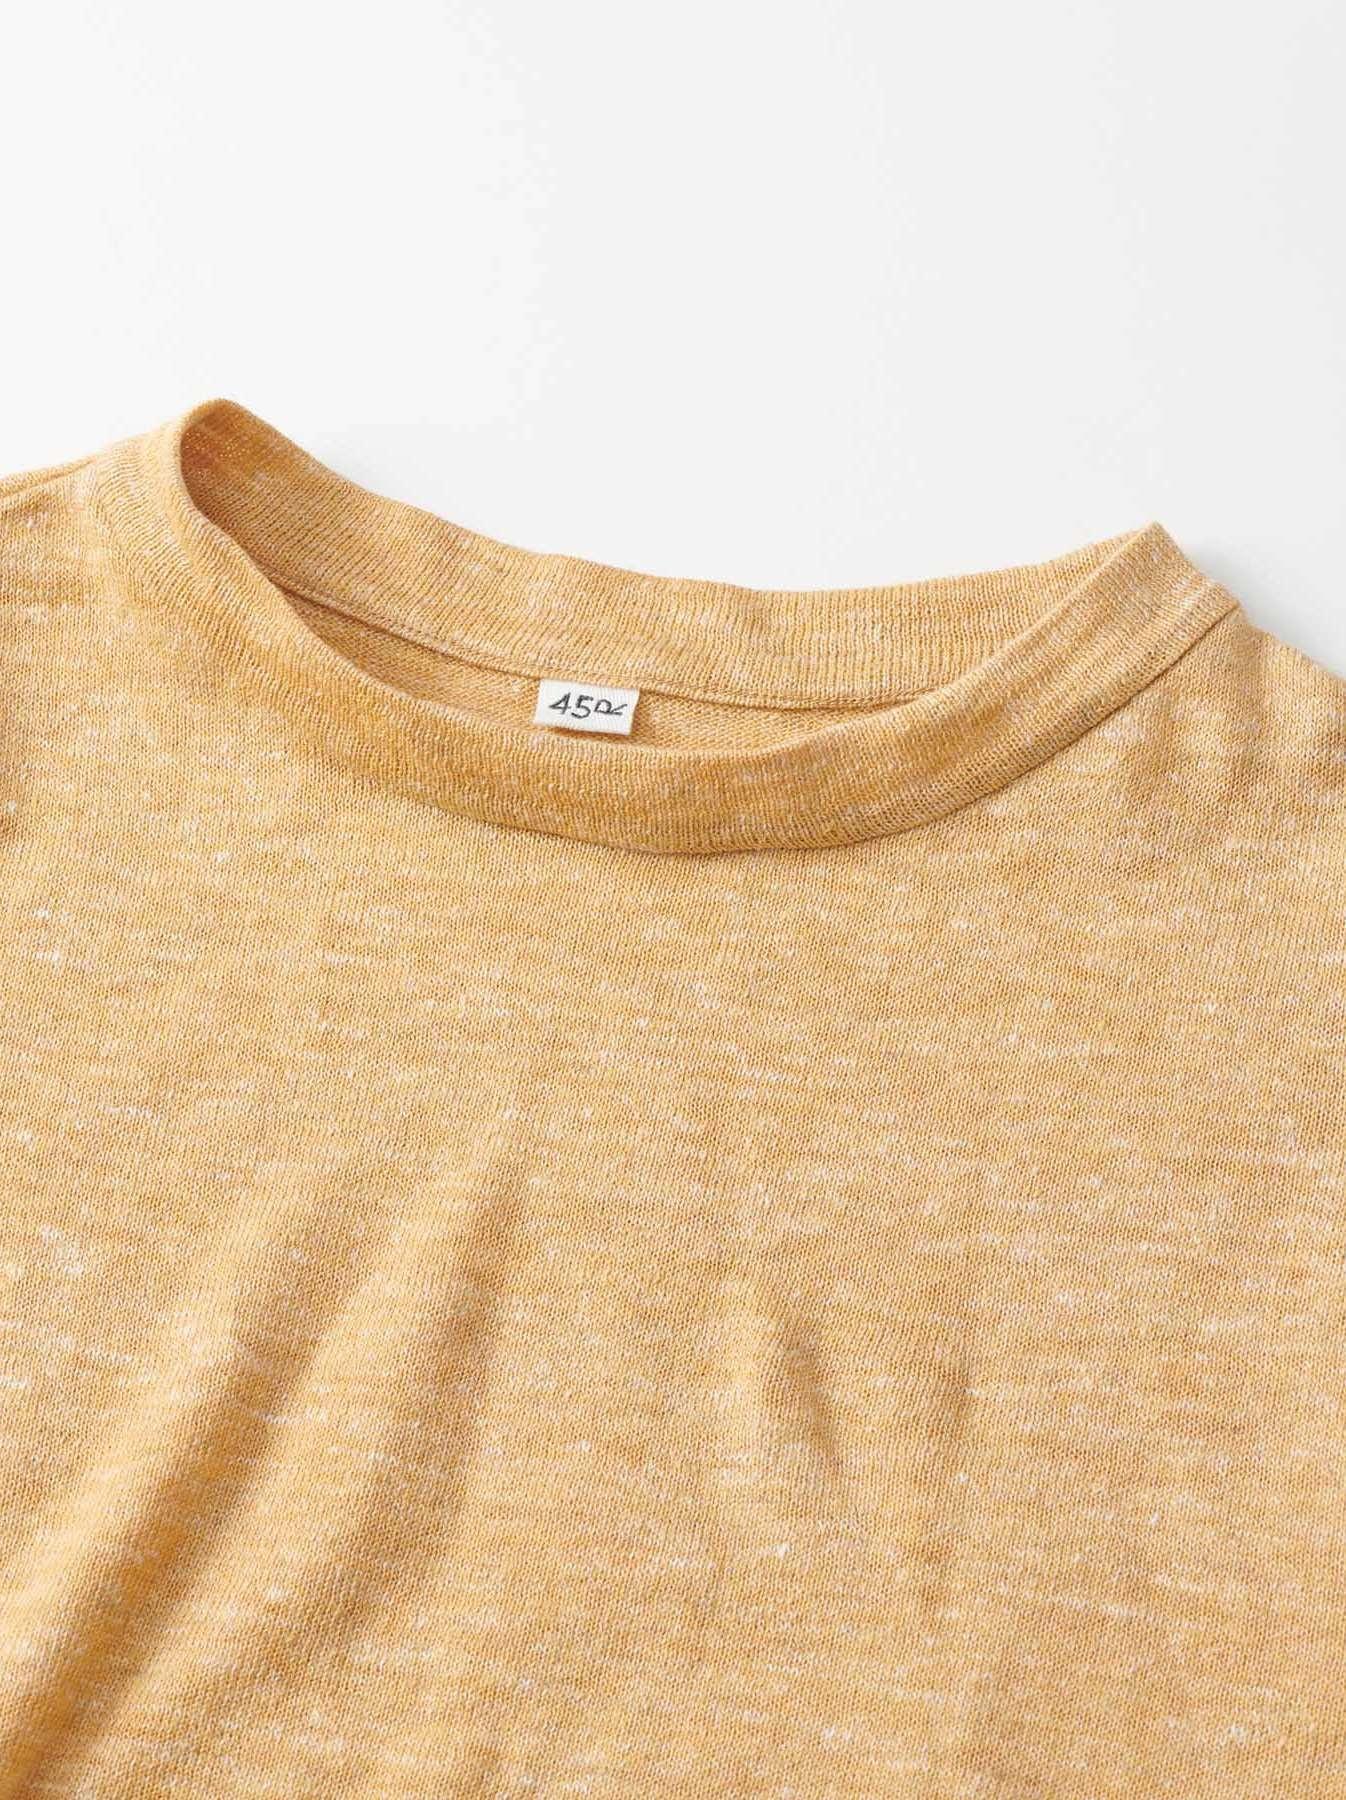 WH Mont Saint-Michel Super Gauze T-shirt-6